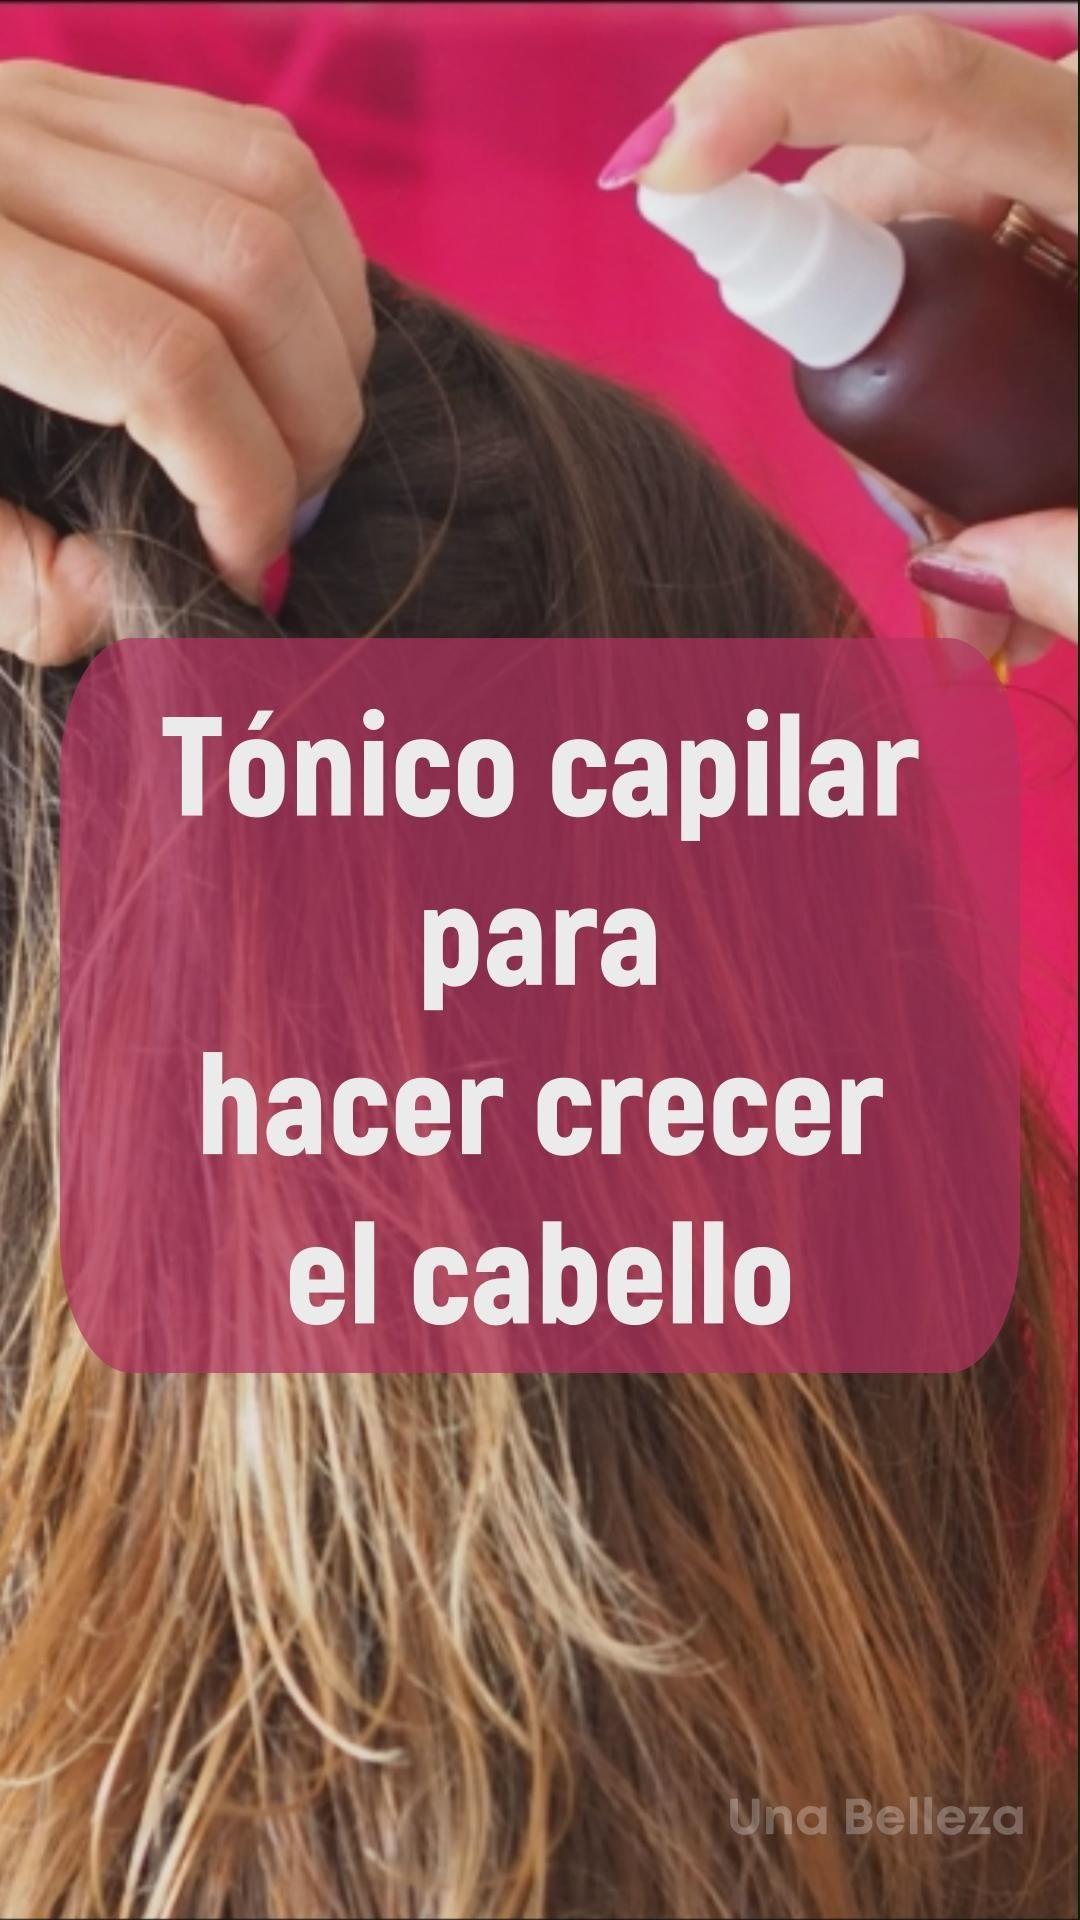 Photo of Tónico capilar para curar el picor, detener la caida y acelerar el crecimiento del cabello